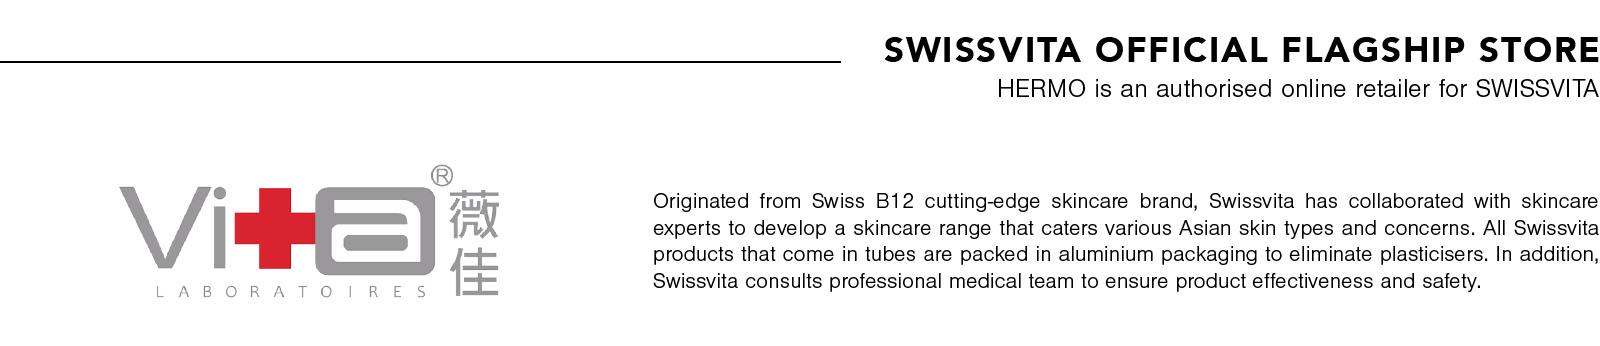 Swissvita Brand Story